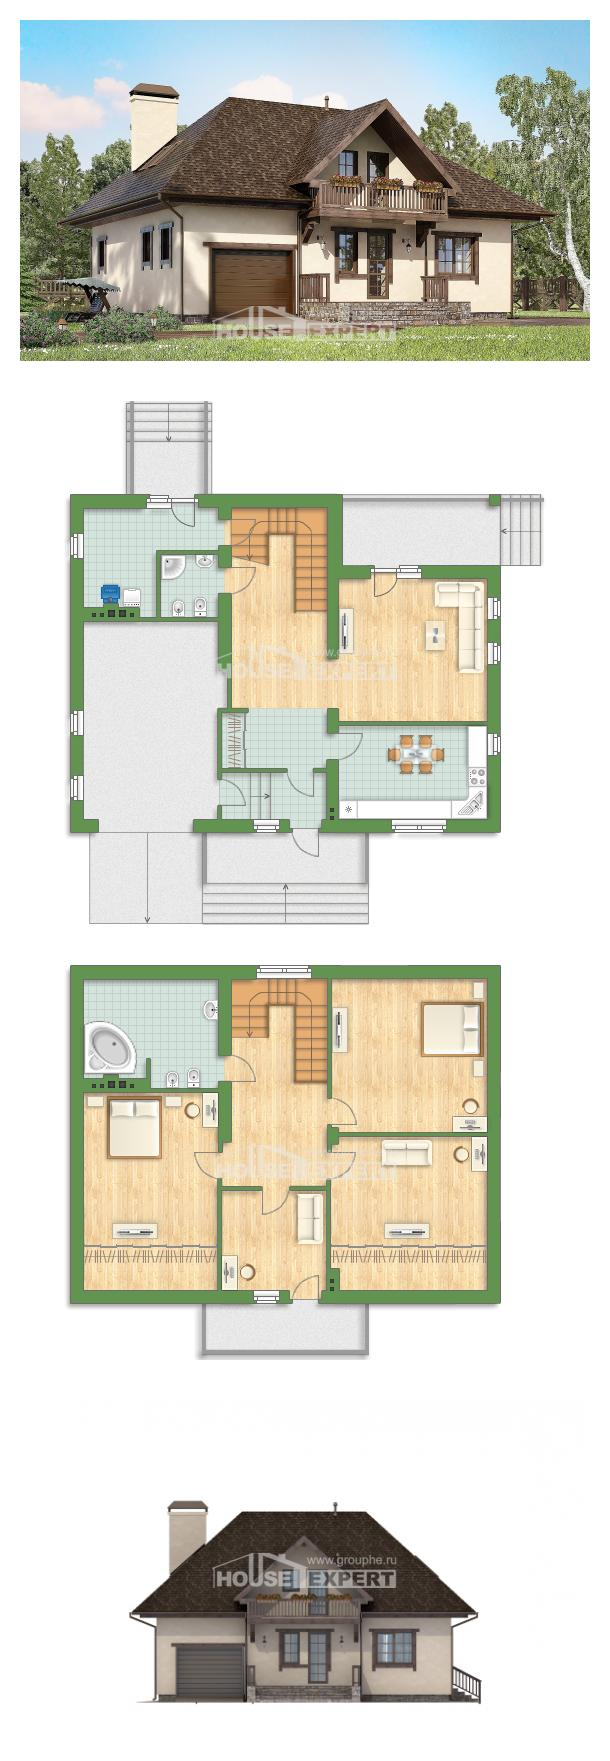 Plan 200-001-L   House Expert